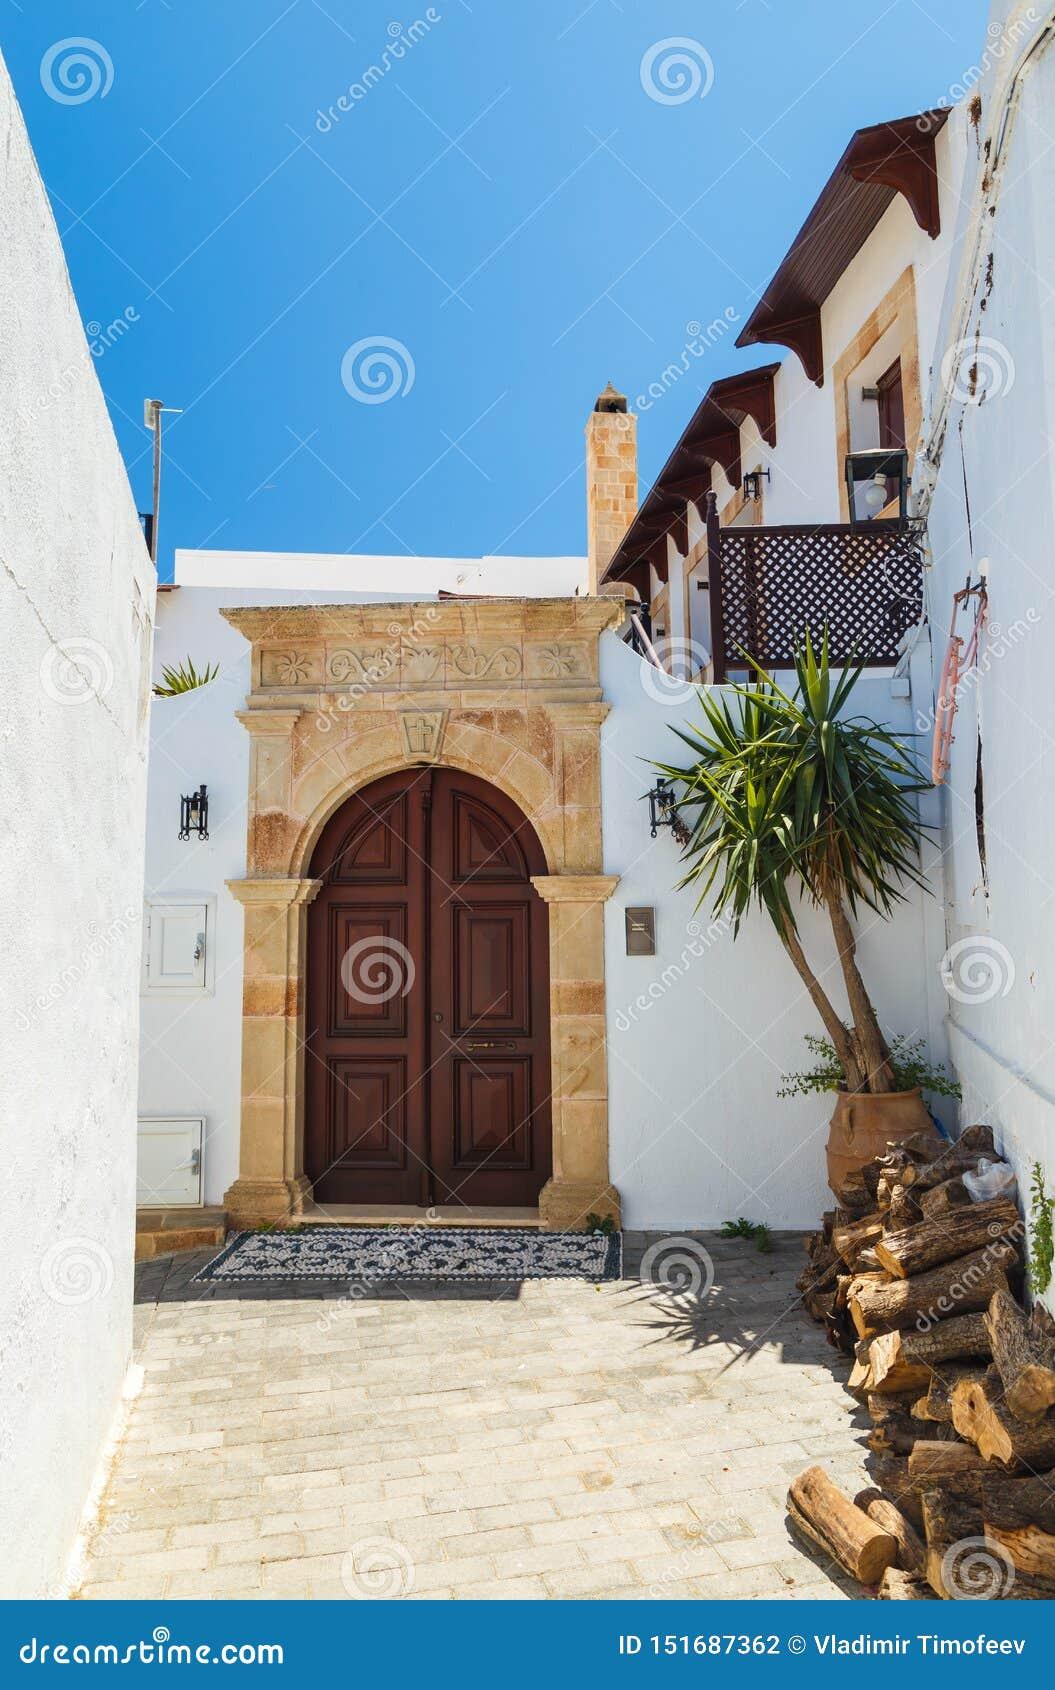 Starożytny Grek architektura z tradycyjnymi drzwiami i dekoracyjnym brukiem w Lindos miasteczku, Rhodes wyspa, Grecja, Europa